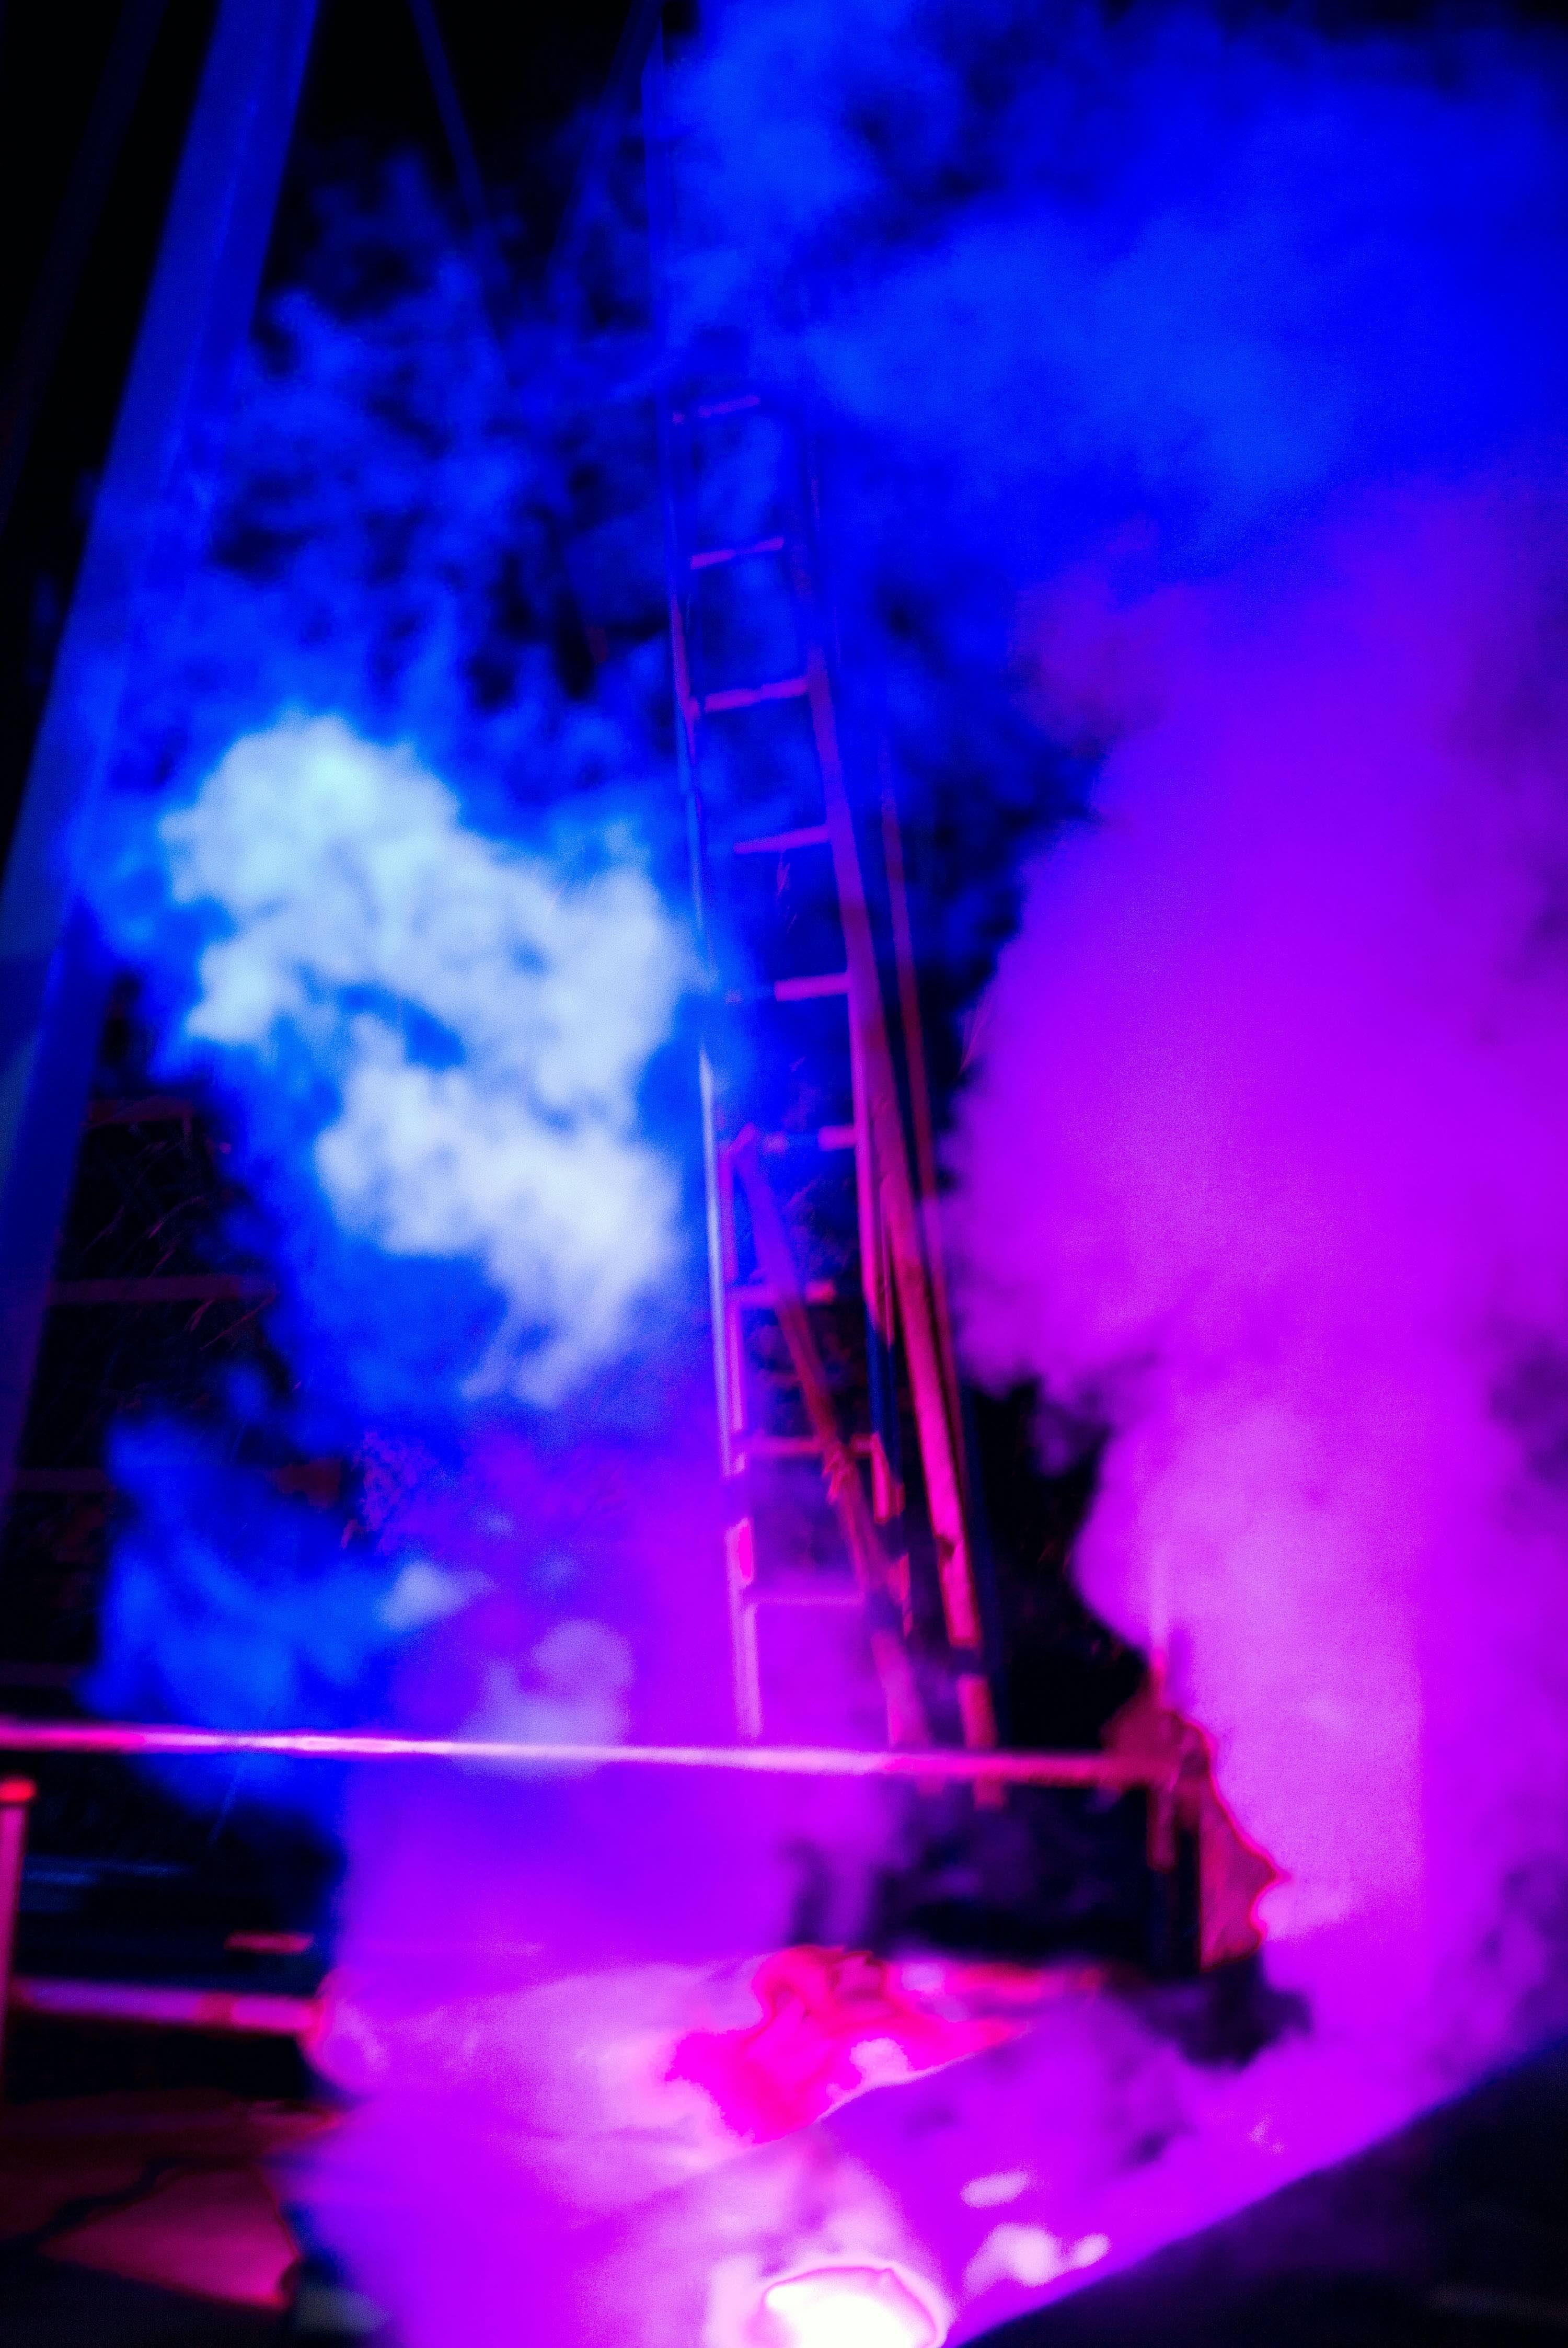 初開催! 神戸・六甲山上と有馬温泉のアート作品を楽しむ夜の芸術散歩 『六甲山~有馬温泉 アート・ナイト・プロジェクト』